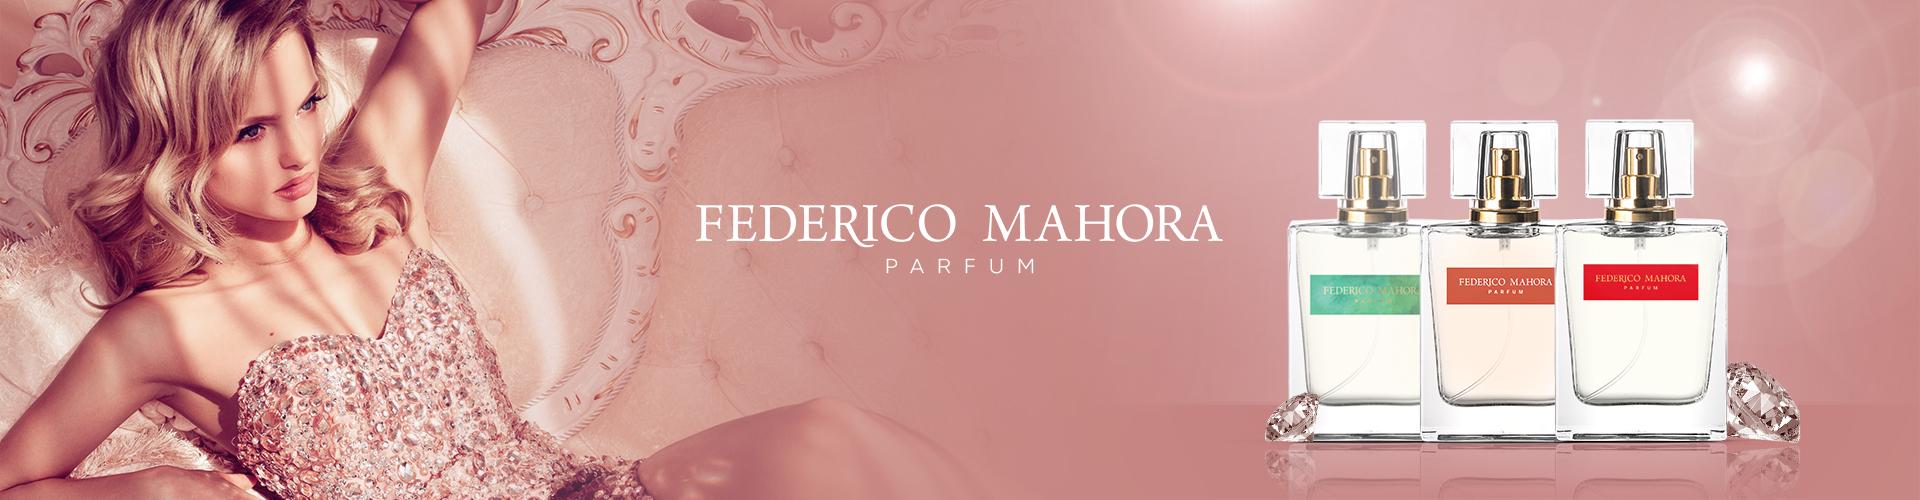 FM Parfum shop banner 2